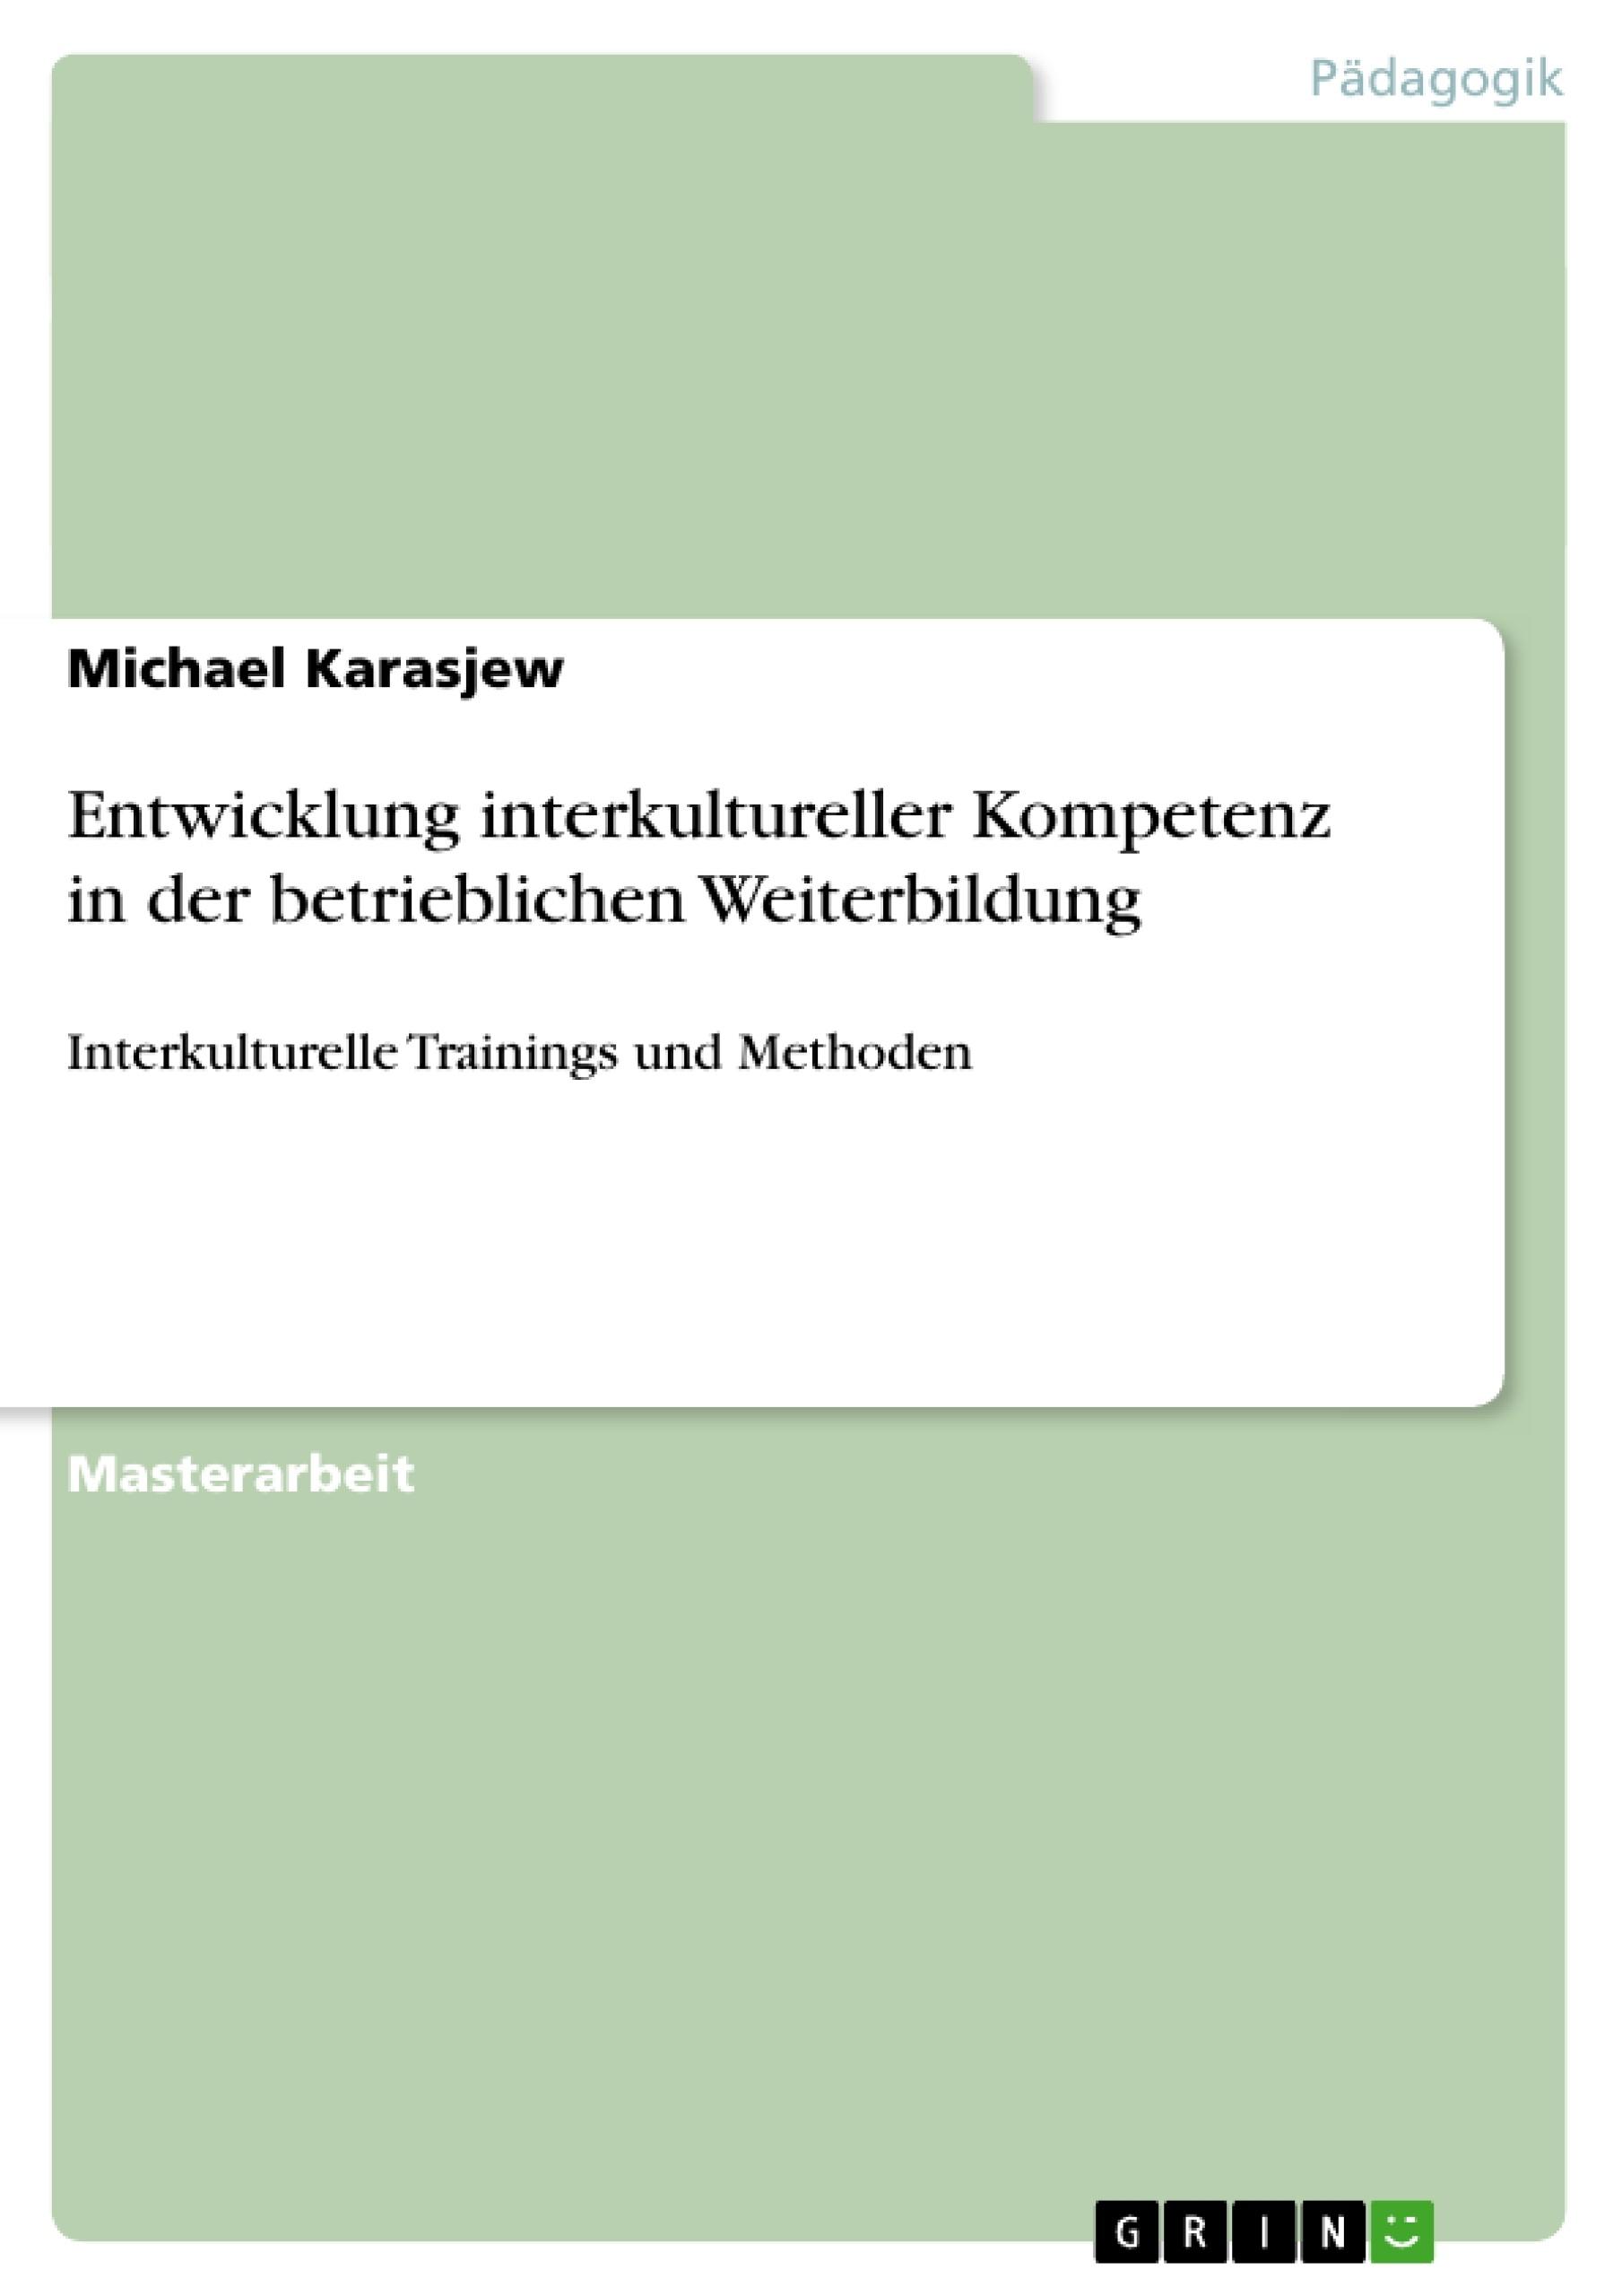 Titel: Entwicklung interkultureller Kompetenz in der betrieblichen Weiterbildung